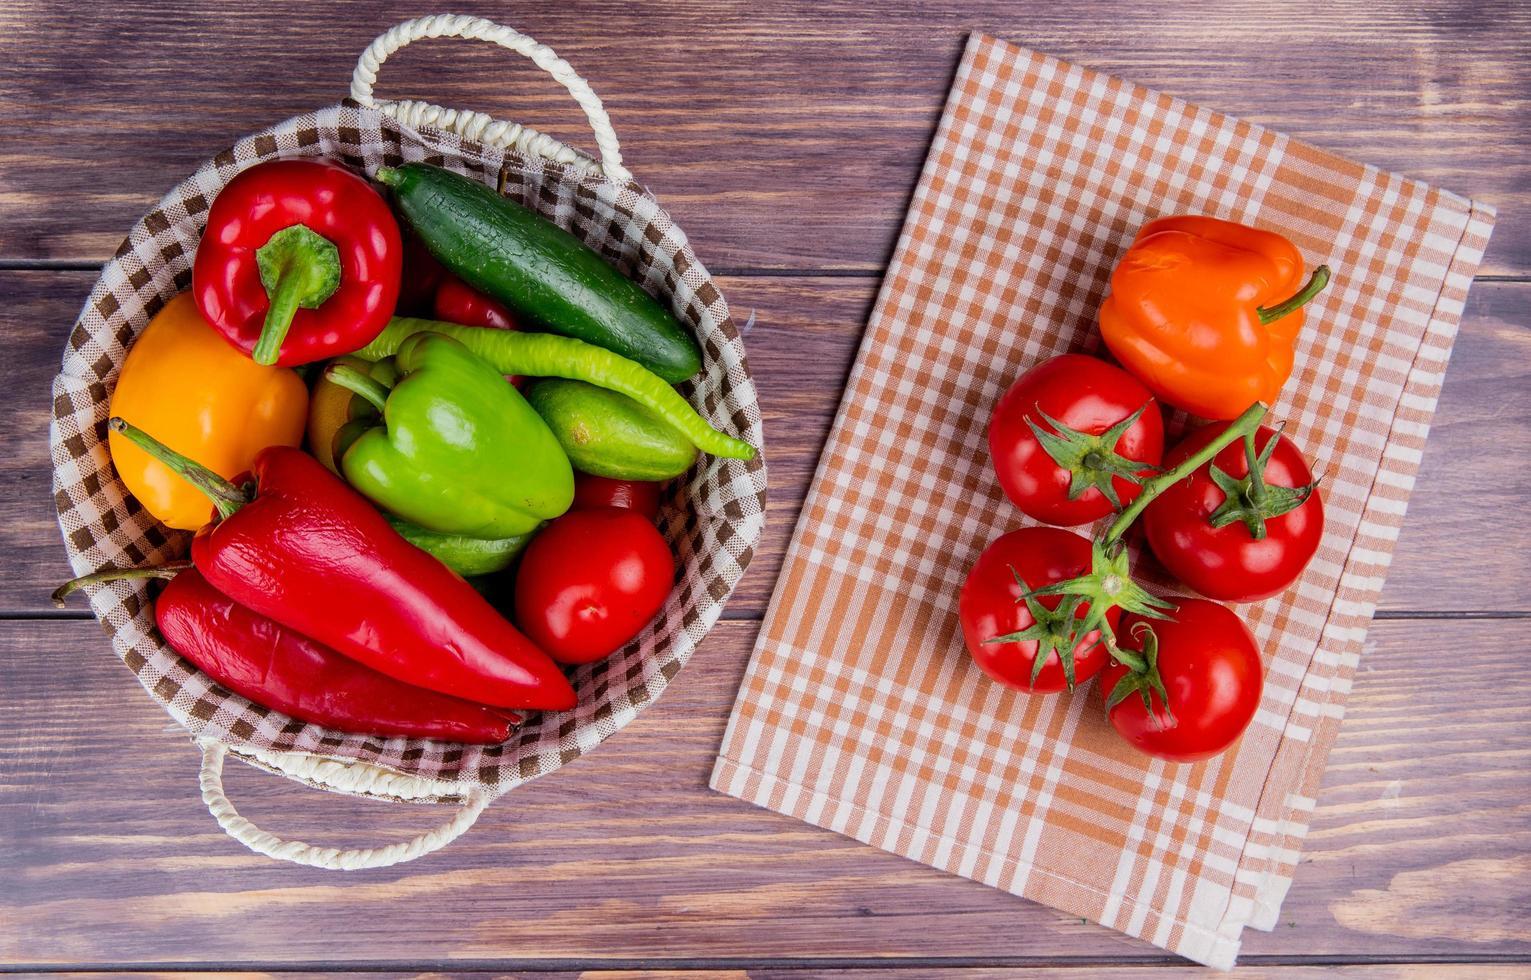 bovenaanzicht van groenten als komkommer paprika tomaat in mand met tomaten en peper op geruite doek en houten achtergrond foto